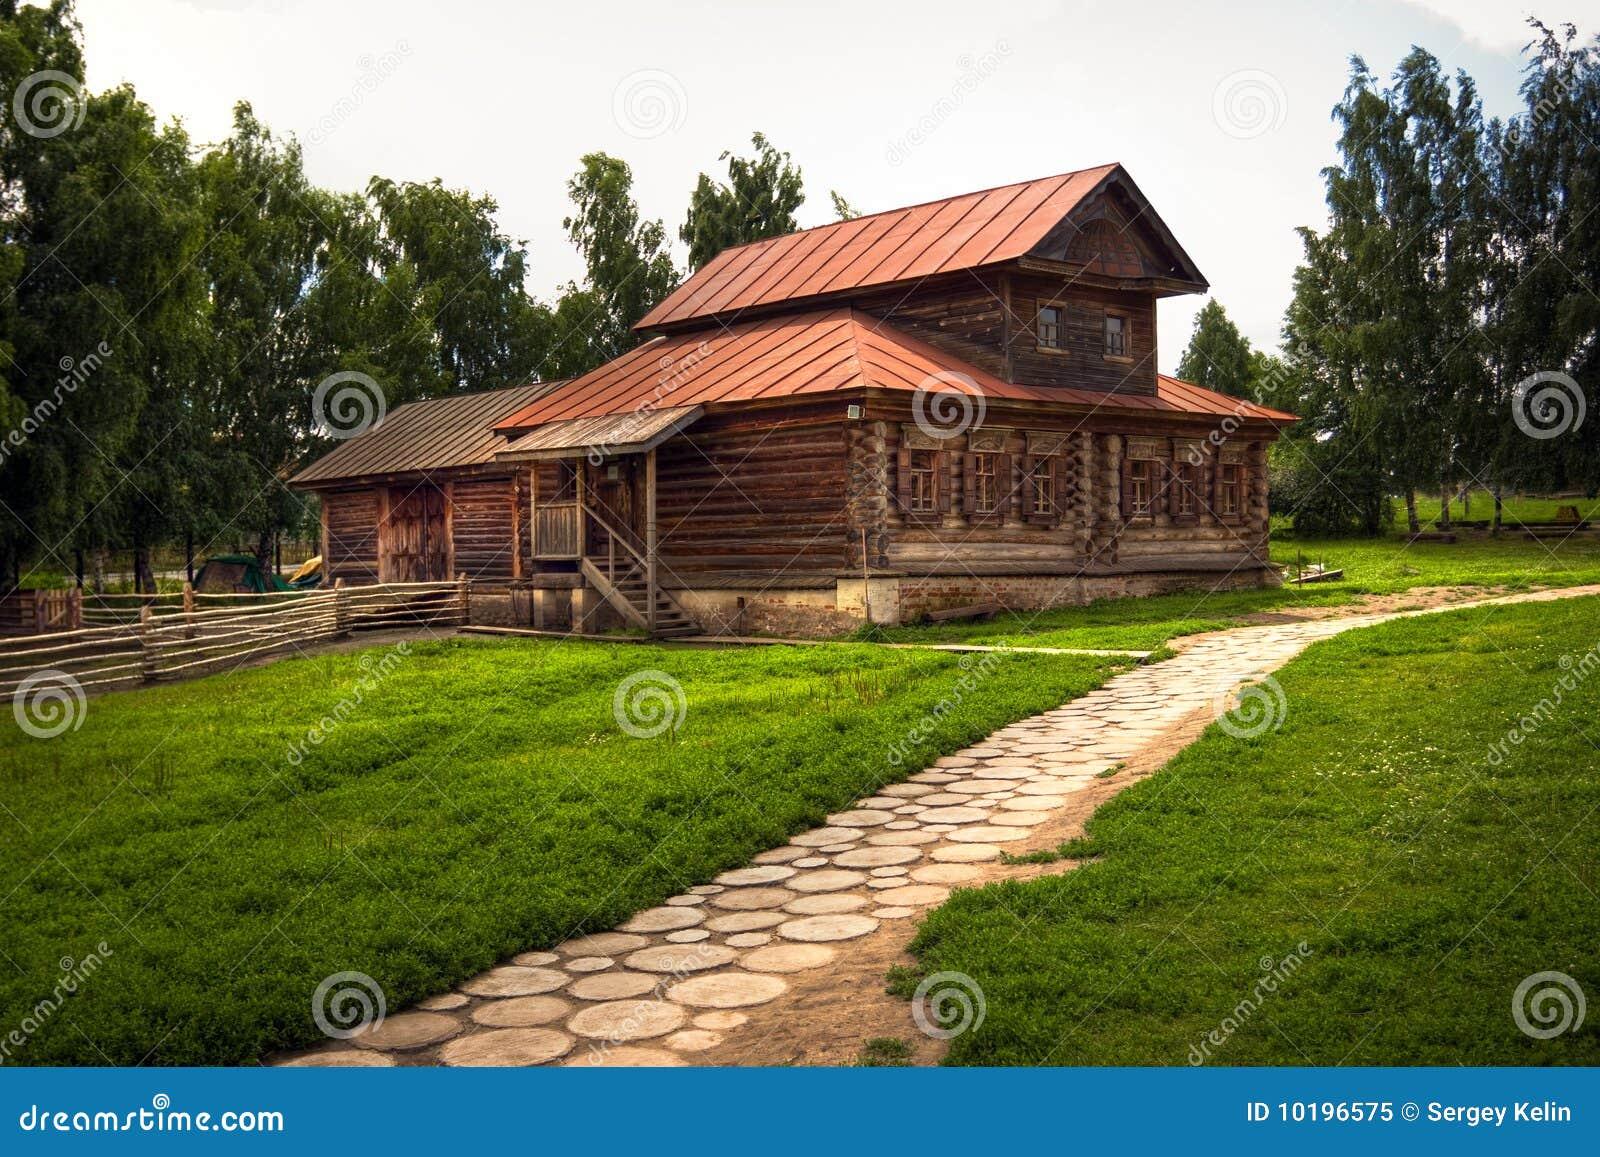 maison russe traditionnelle photo libre de droits image 10196575. Black Bedroom Furniture Sets. Home Design Ideas